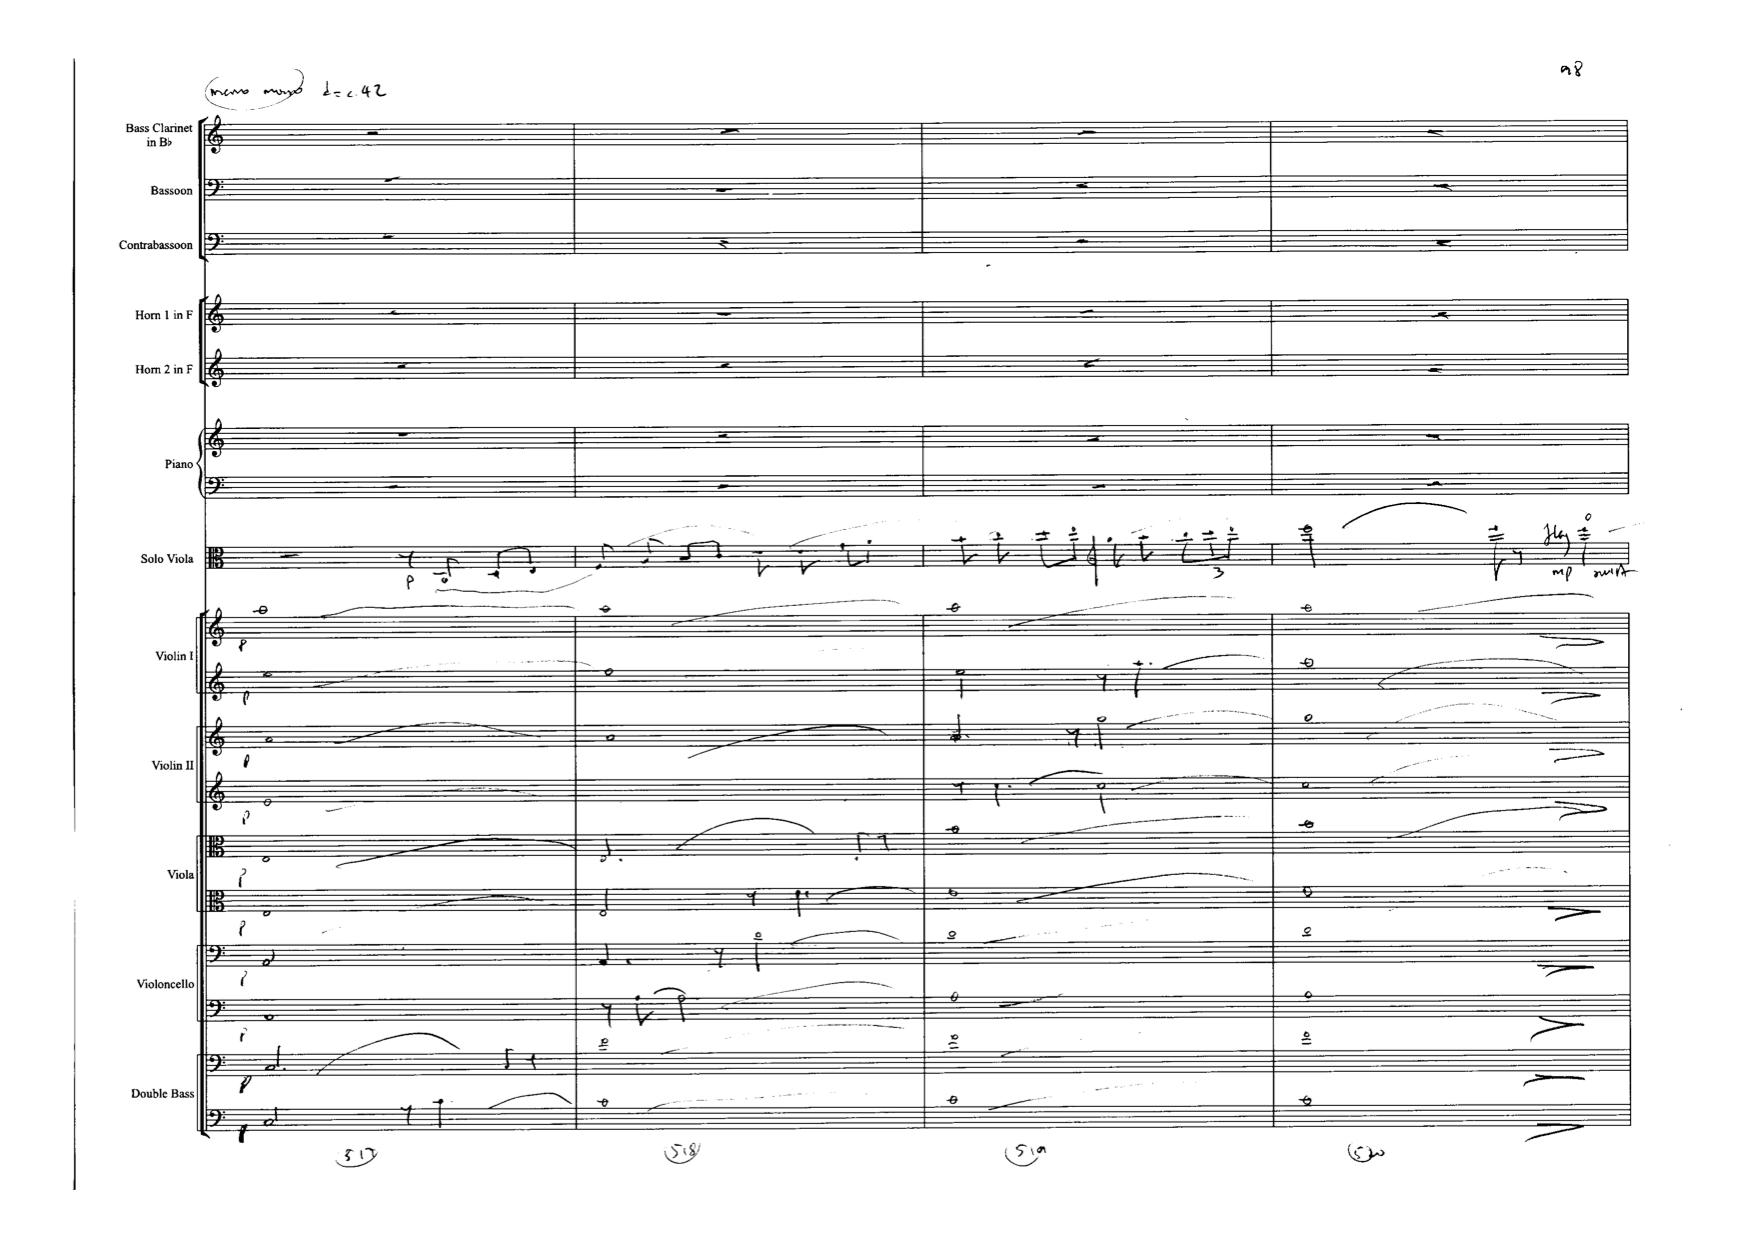 Viola Concerto penultimate page